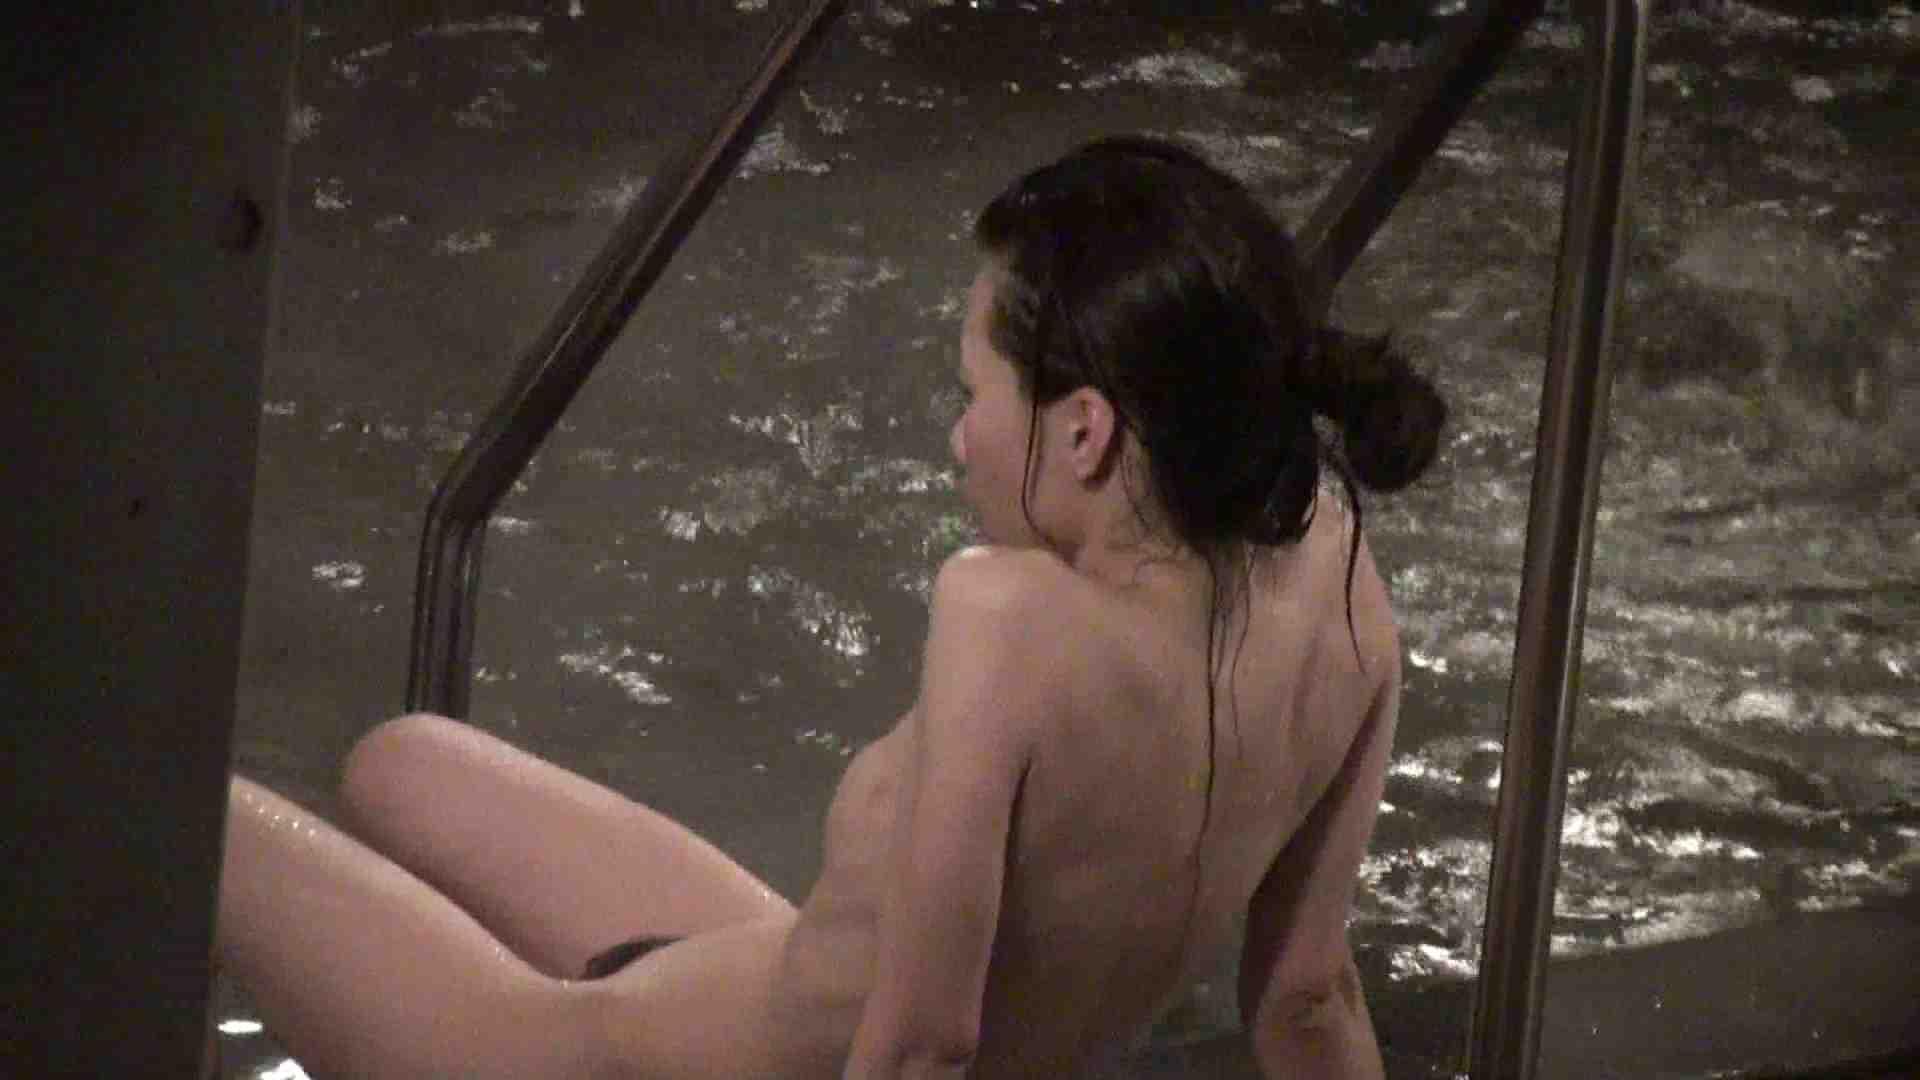 Aquaな露天風呂Vol.429 盗撮大放出 おめこ無修正動画無料 74連発 71